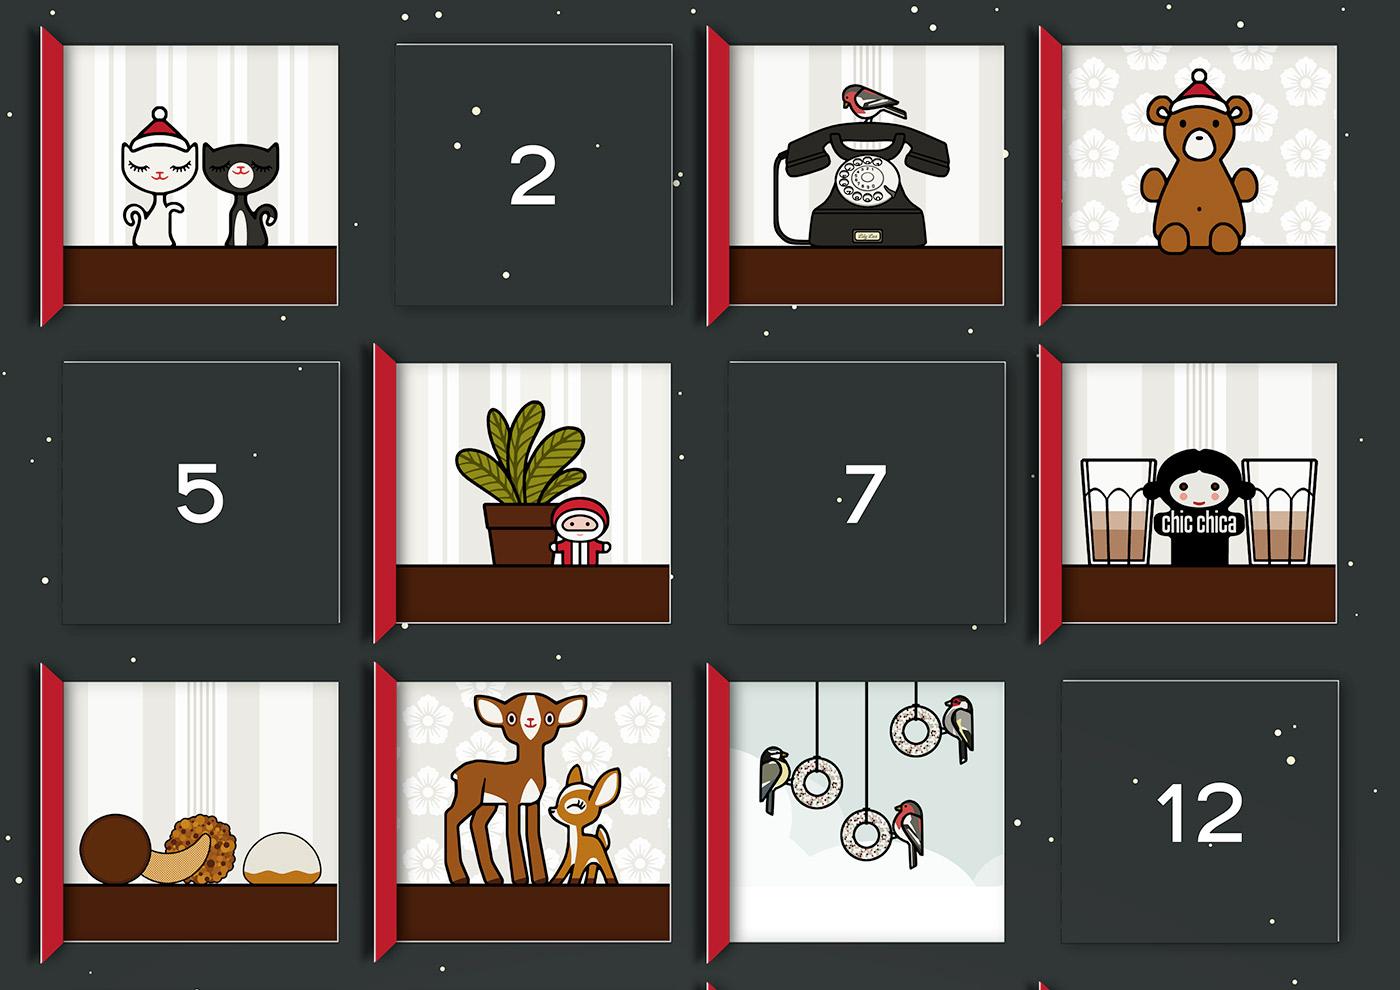 Lily Lux Bastelvorlage für Adventskalender mit 24 Bildchen zum Selberbasteln nach Lily Lux Bastelvorlage